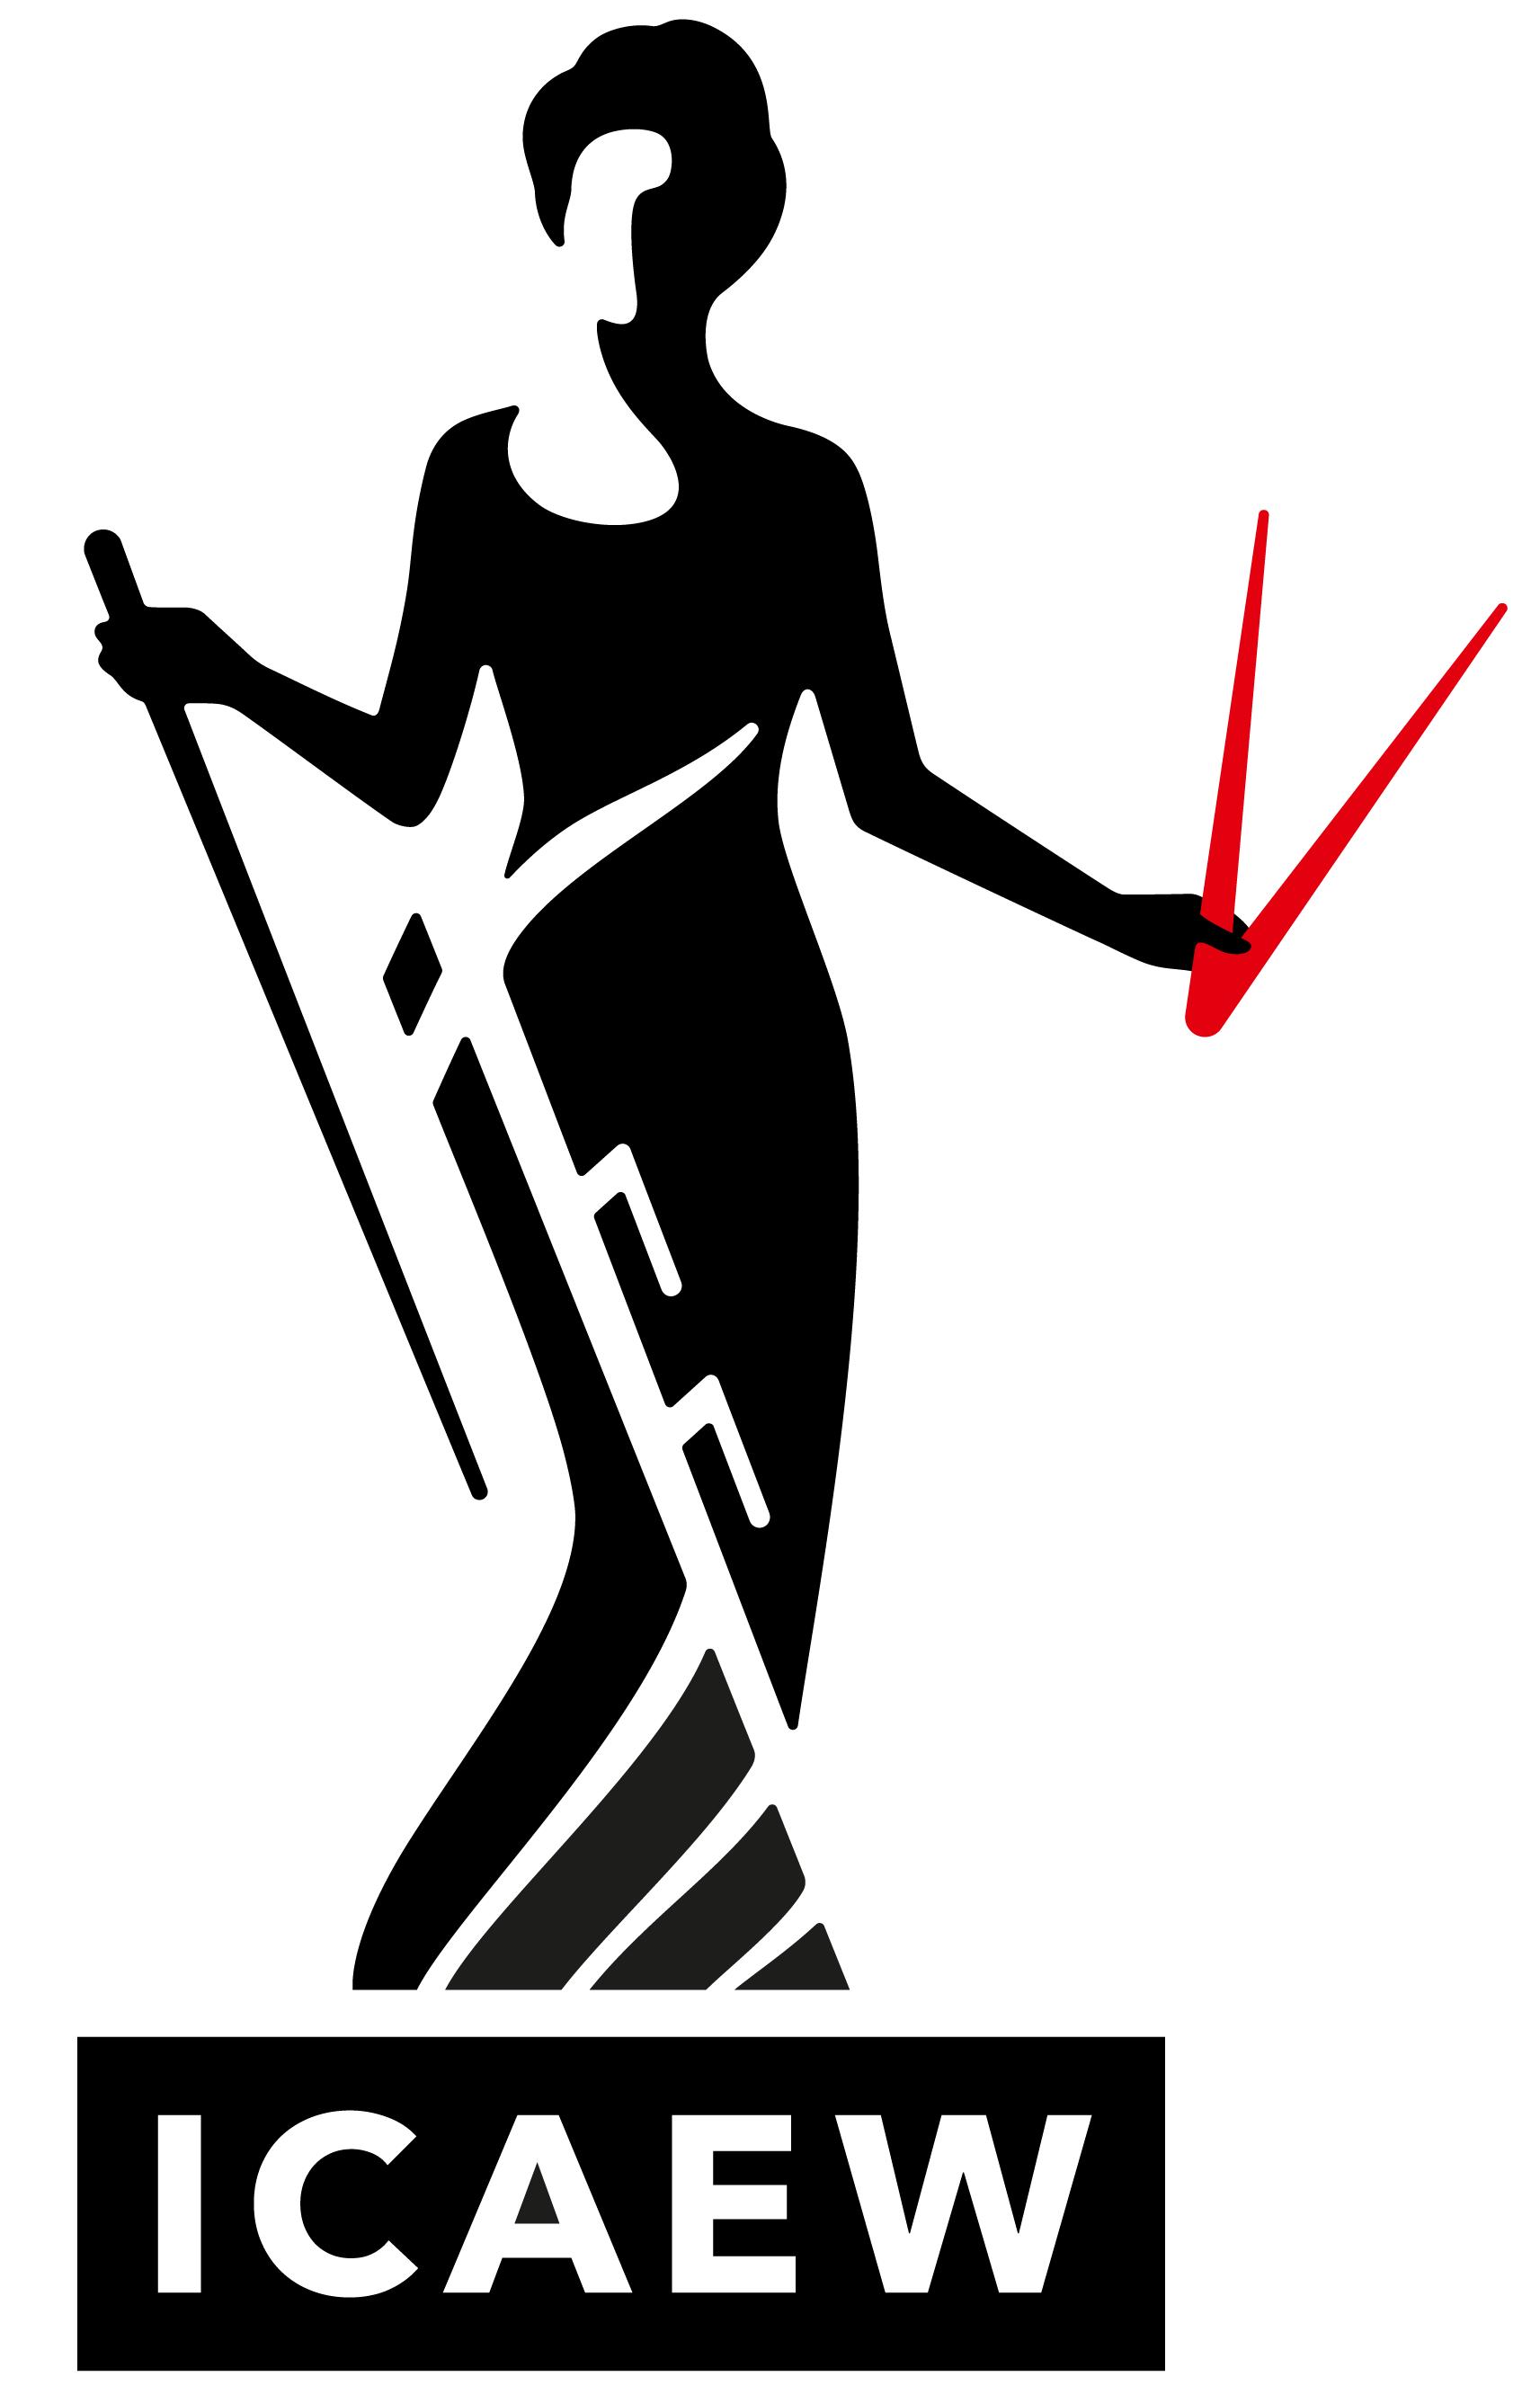 ICAEW_logo_NEW